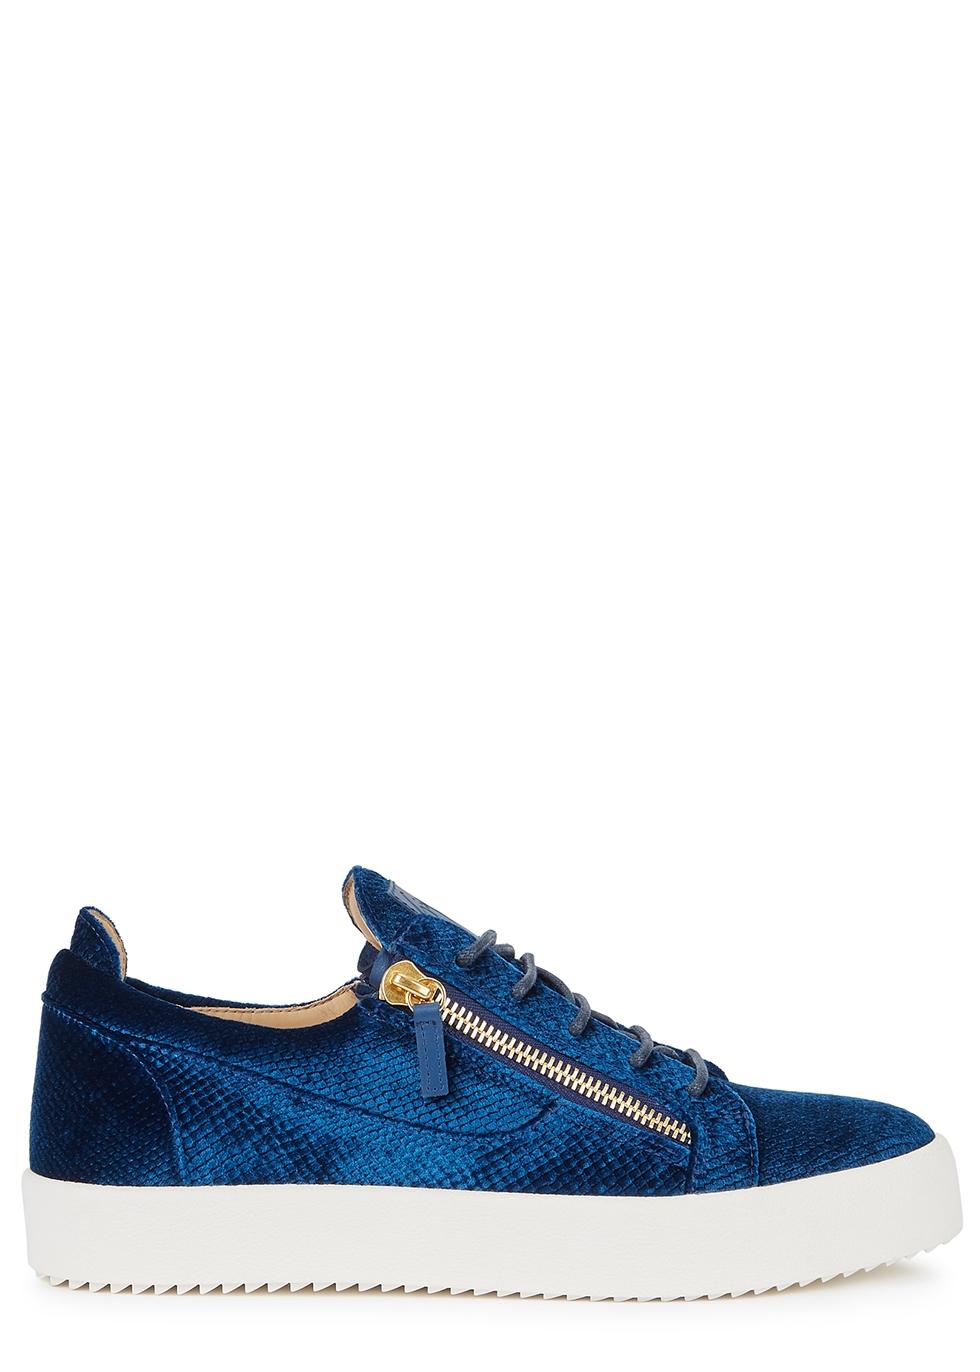 a2641120d9701 Men's Designer Trainers, Sneakers & Sports Shoes - Harvey Nichols